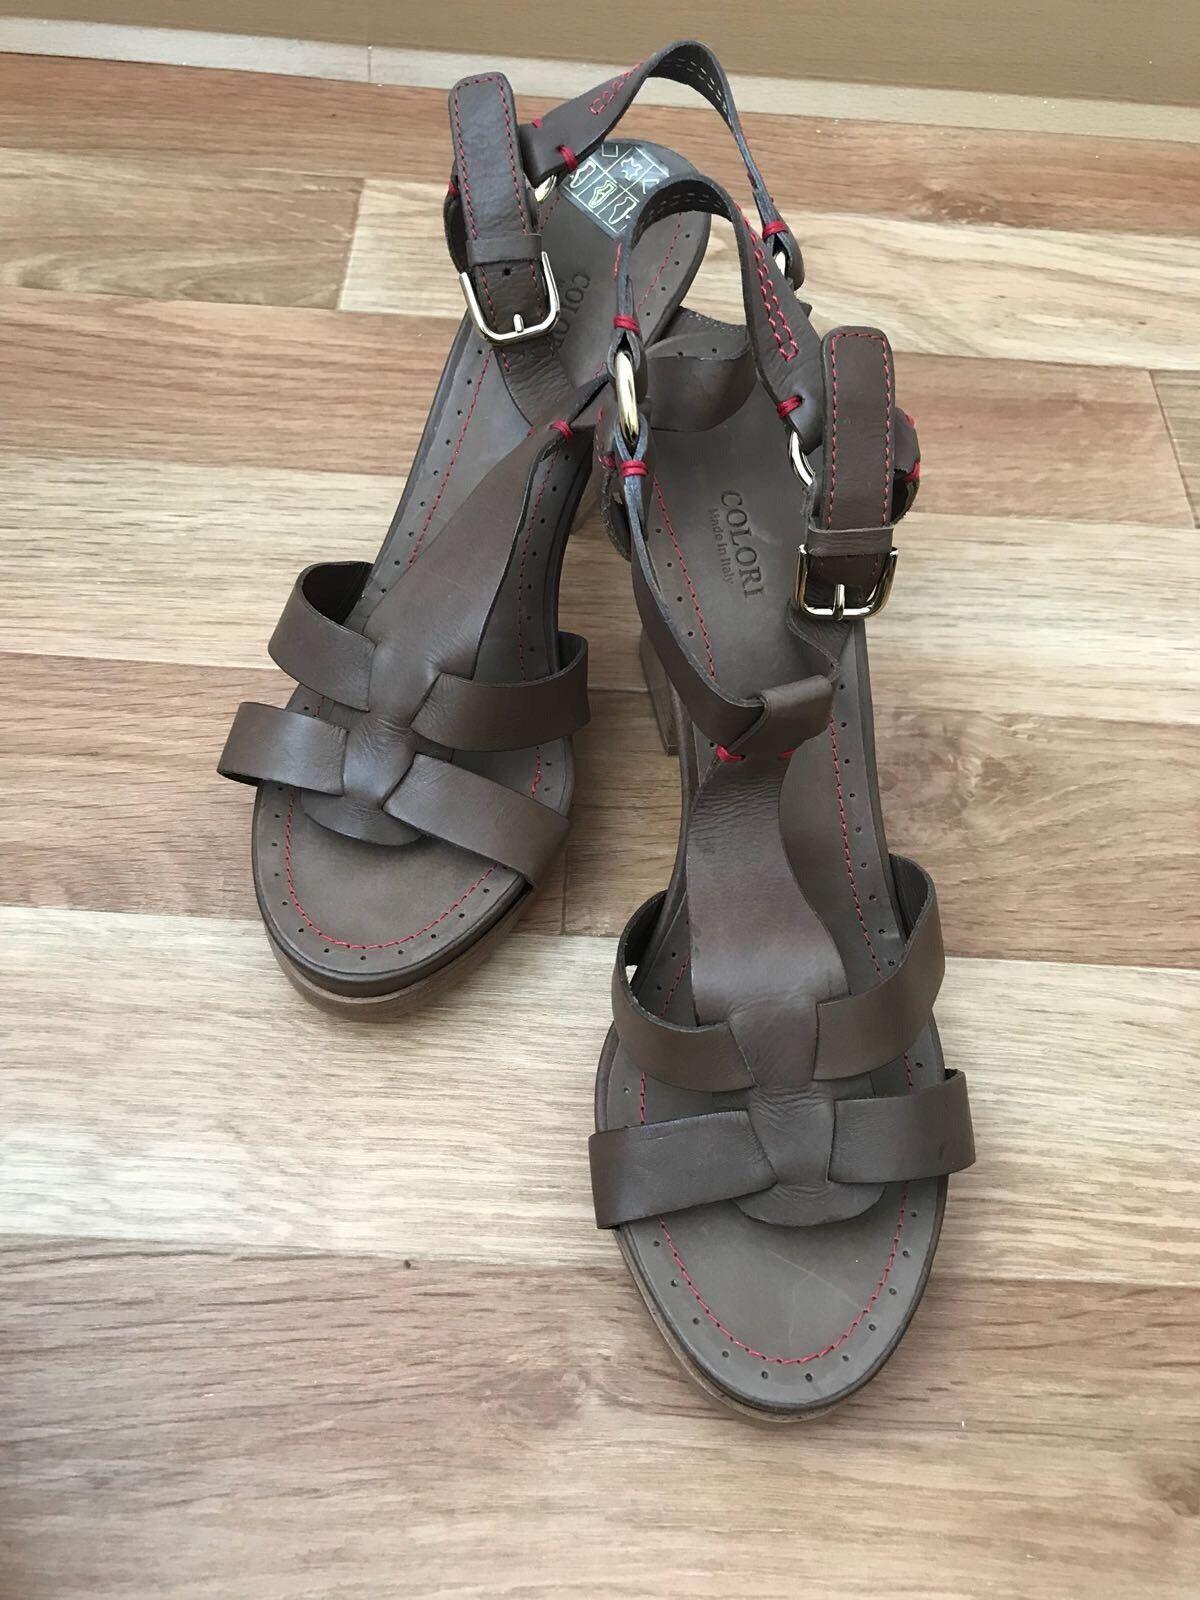 Colori   sandalias zapatos de salón alto del apartado de cuero talla 40 italia elegante marrón rojo nuevo